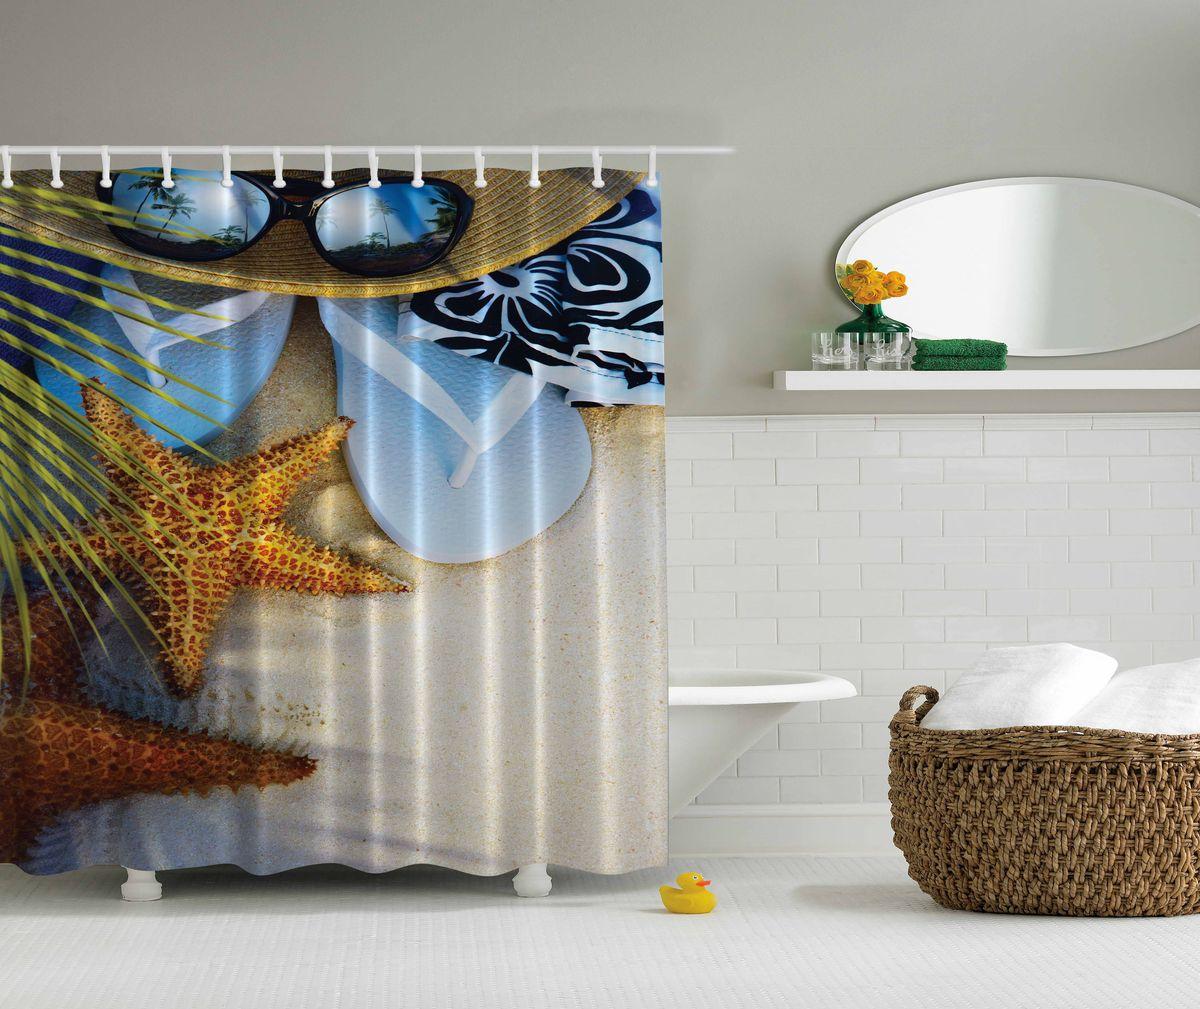 Штора для ванной комнаты Magic Lady Пляжный отдых, 180 х 200 смшв_4634Штора Magic Lady Пляжный отдых, изготовленная из высококачественного сатена (полиэстер 100%), отлично дополнит любой интерьер ванной комнаты. При изготовлении используются специальные гипоаллергенные чернила для прямой печати по ткани, безопасные для человека. В комплекте: 1 штора, 12 крючков. Обращаем ваше внимание, фактический цвет изделия может незначительно отличаться от представленного на фото.